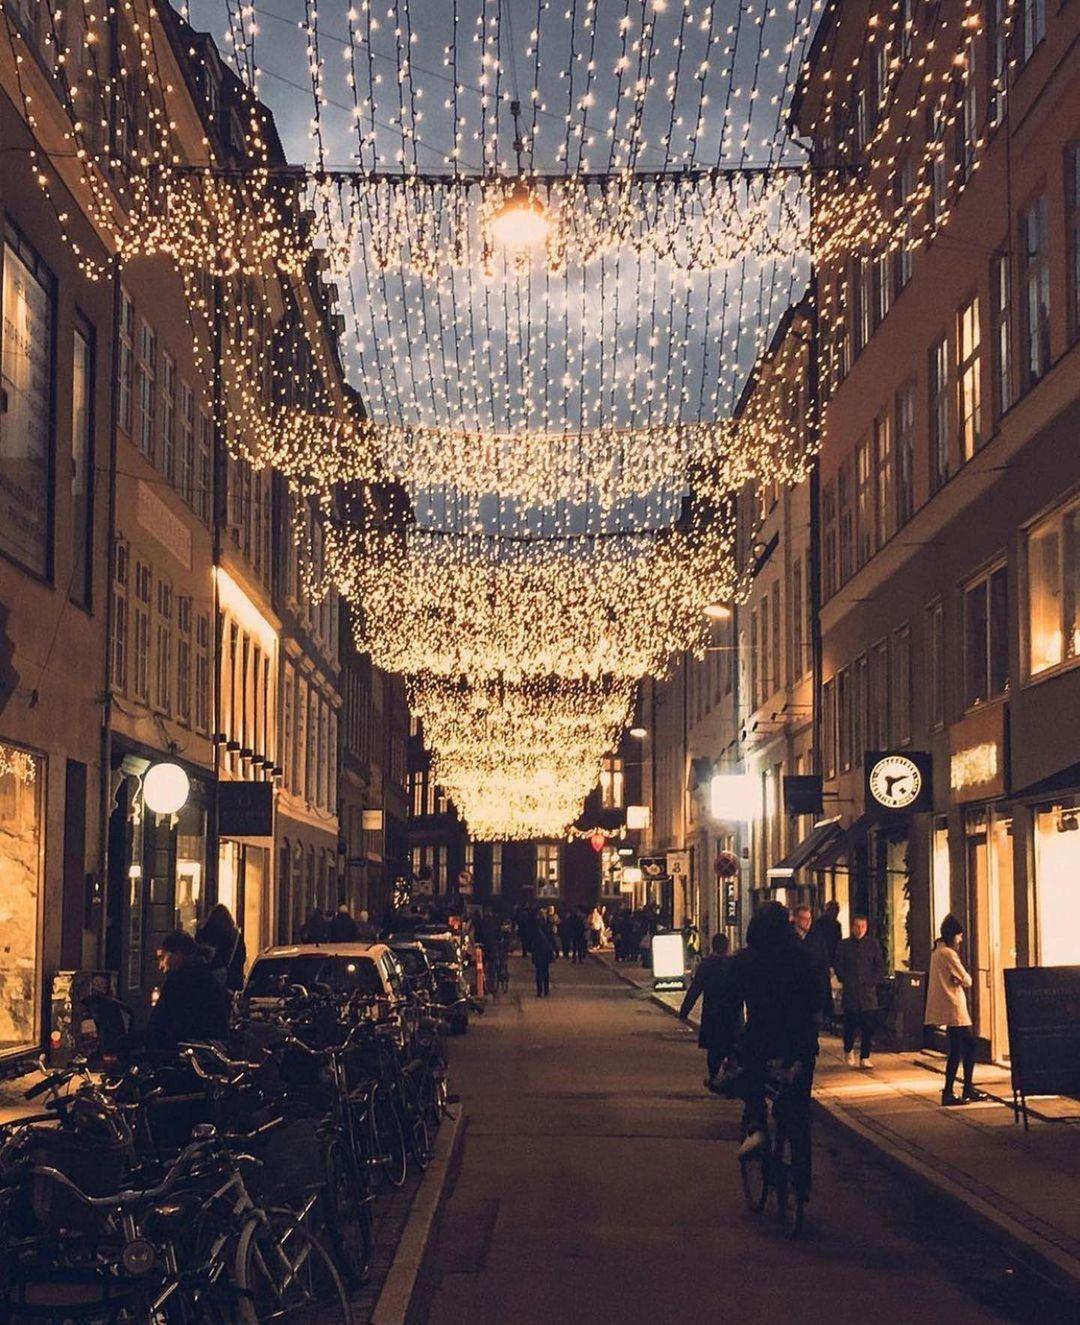 Quiet street in Copenhagen adorned with Christmas lights